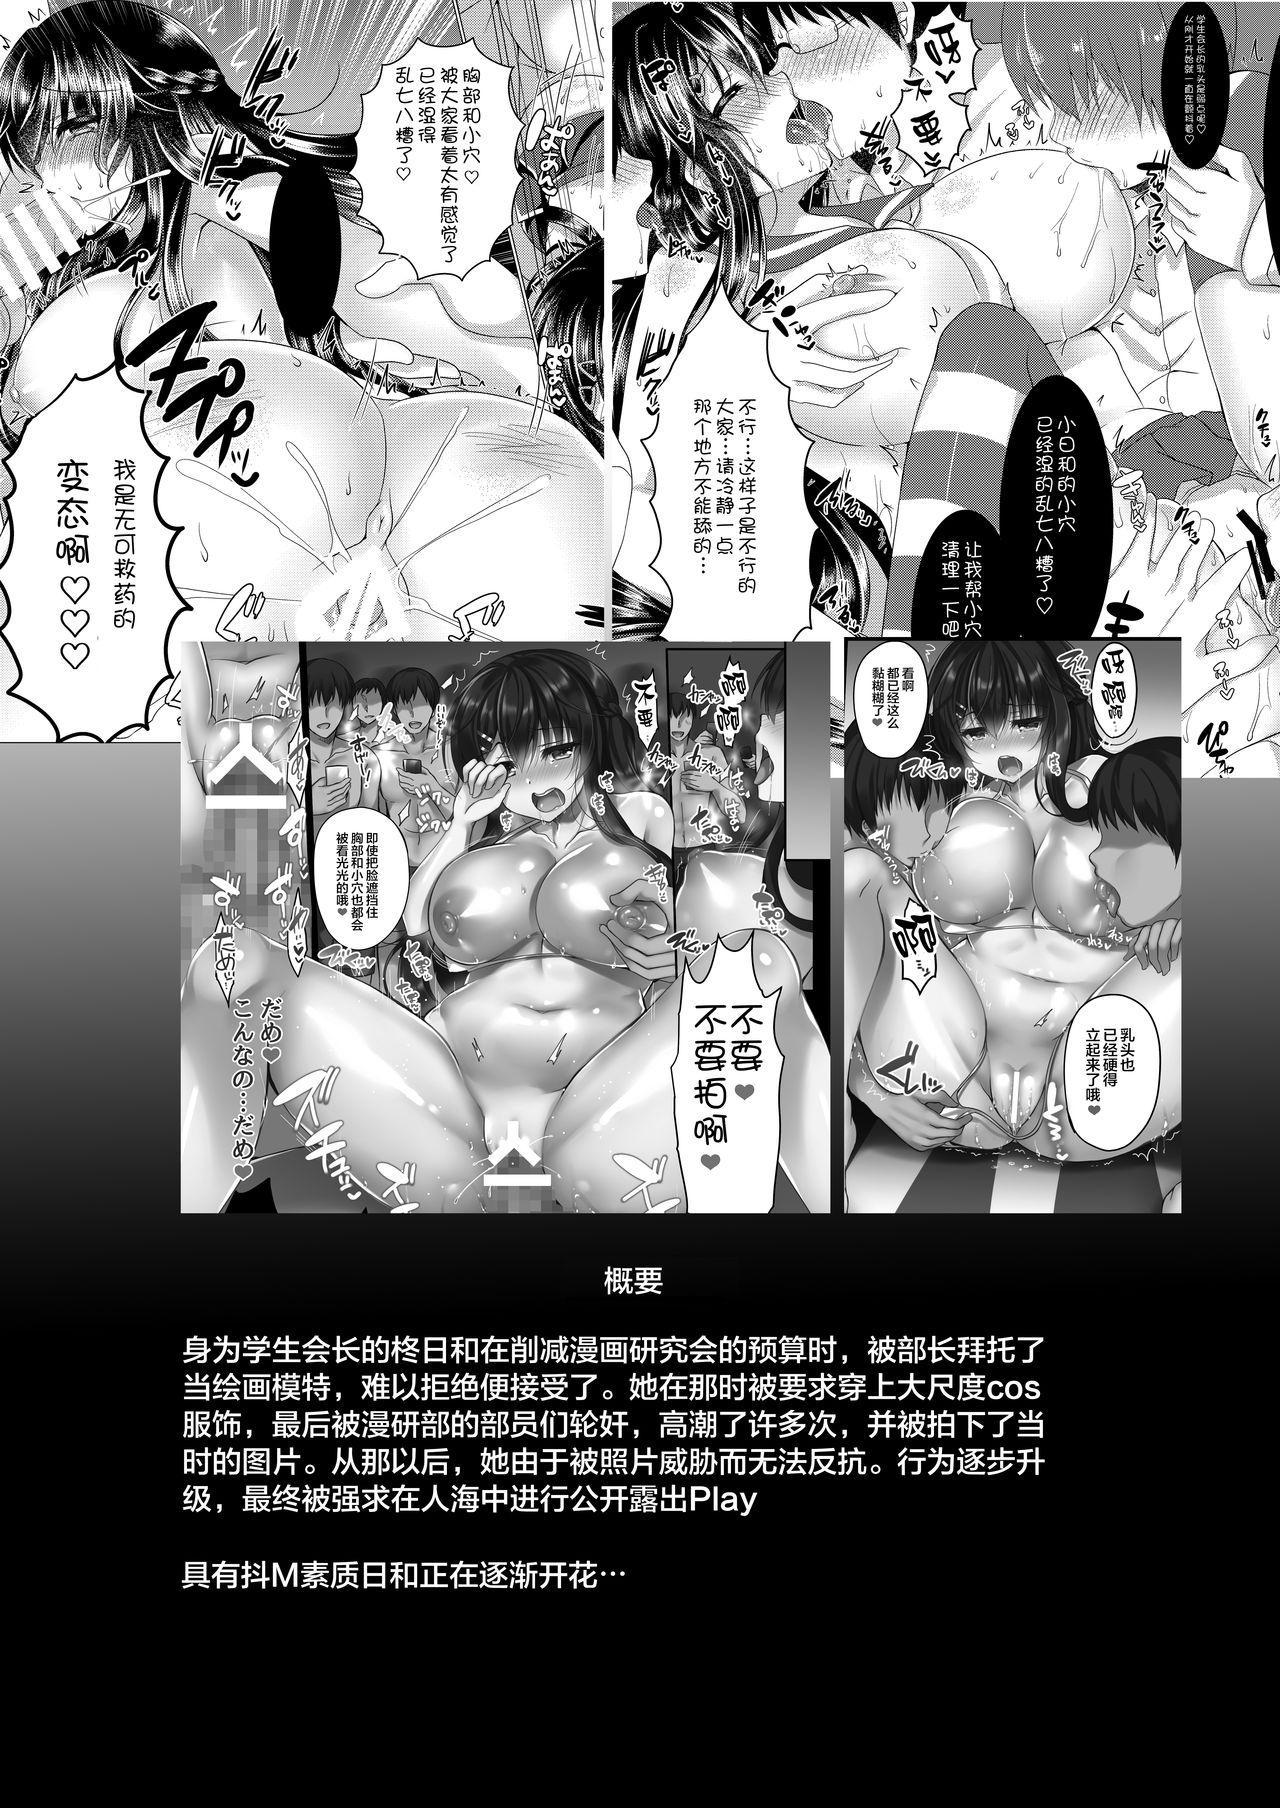 Seitokaichou o Tokoton Ikasemakuru Hanashi 3